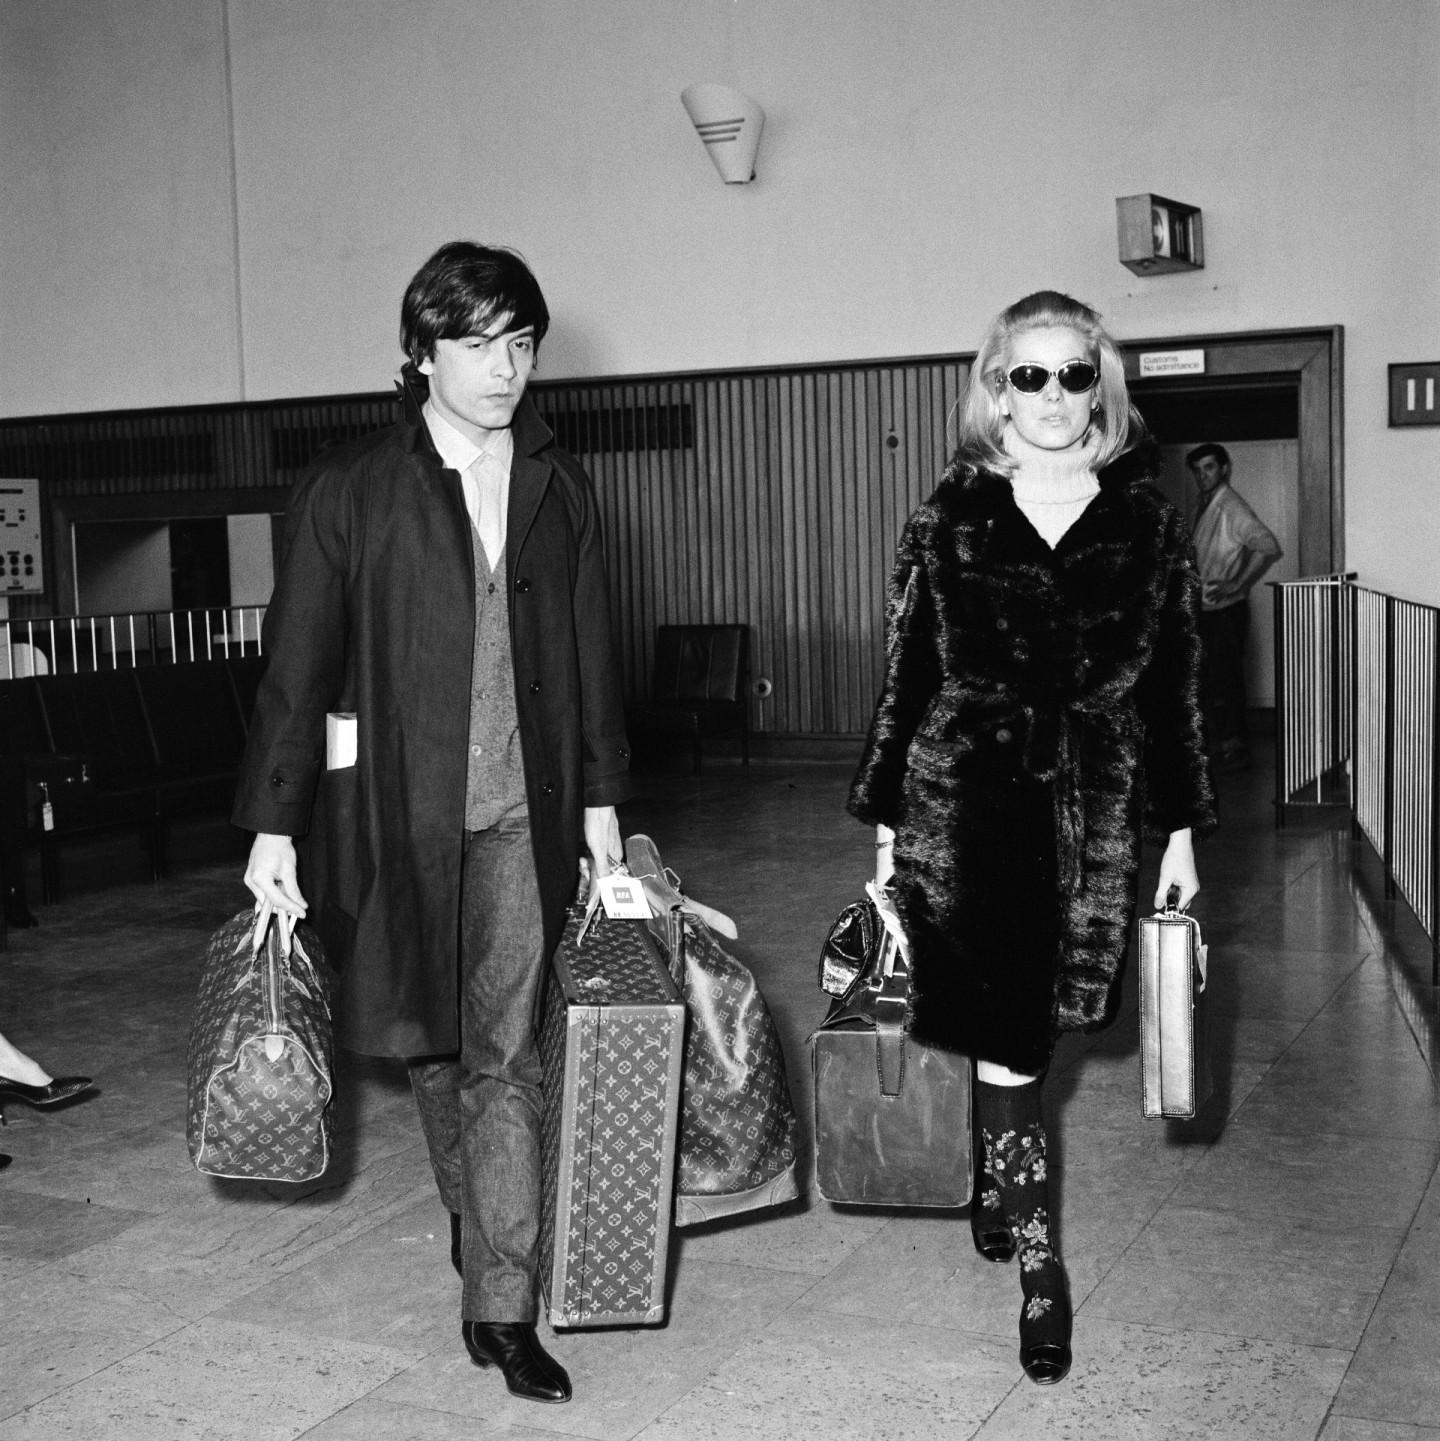 Актриса Катрин Денев и фотограф Дэвид Бейли с чемоданами Louis Vuitton